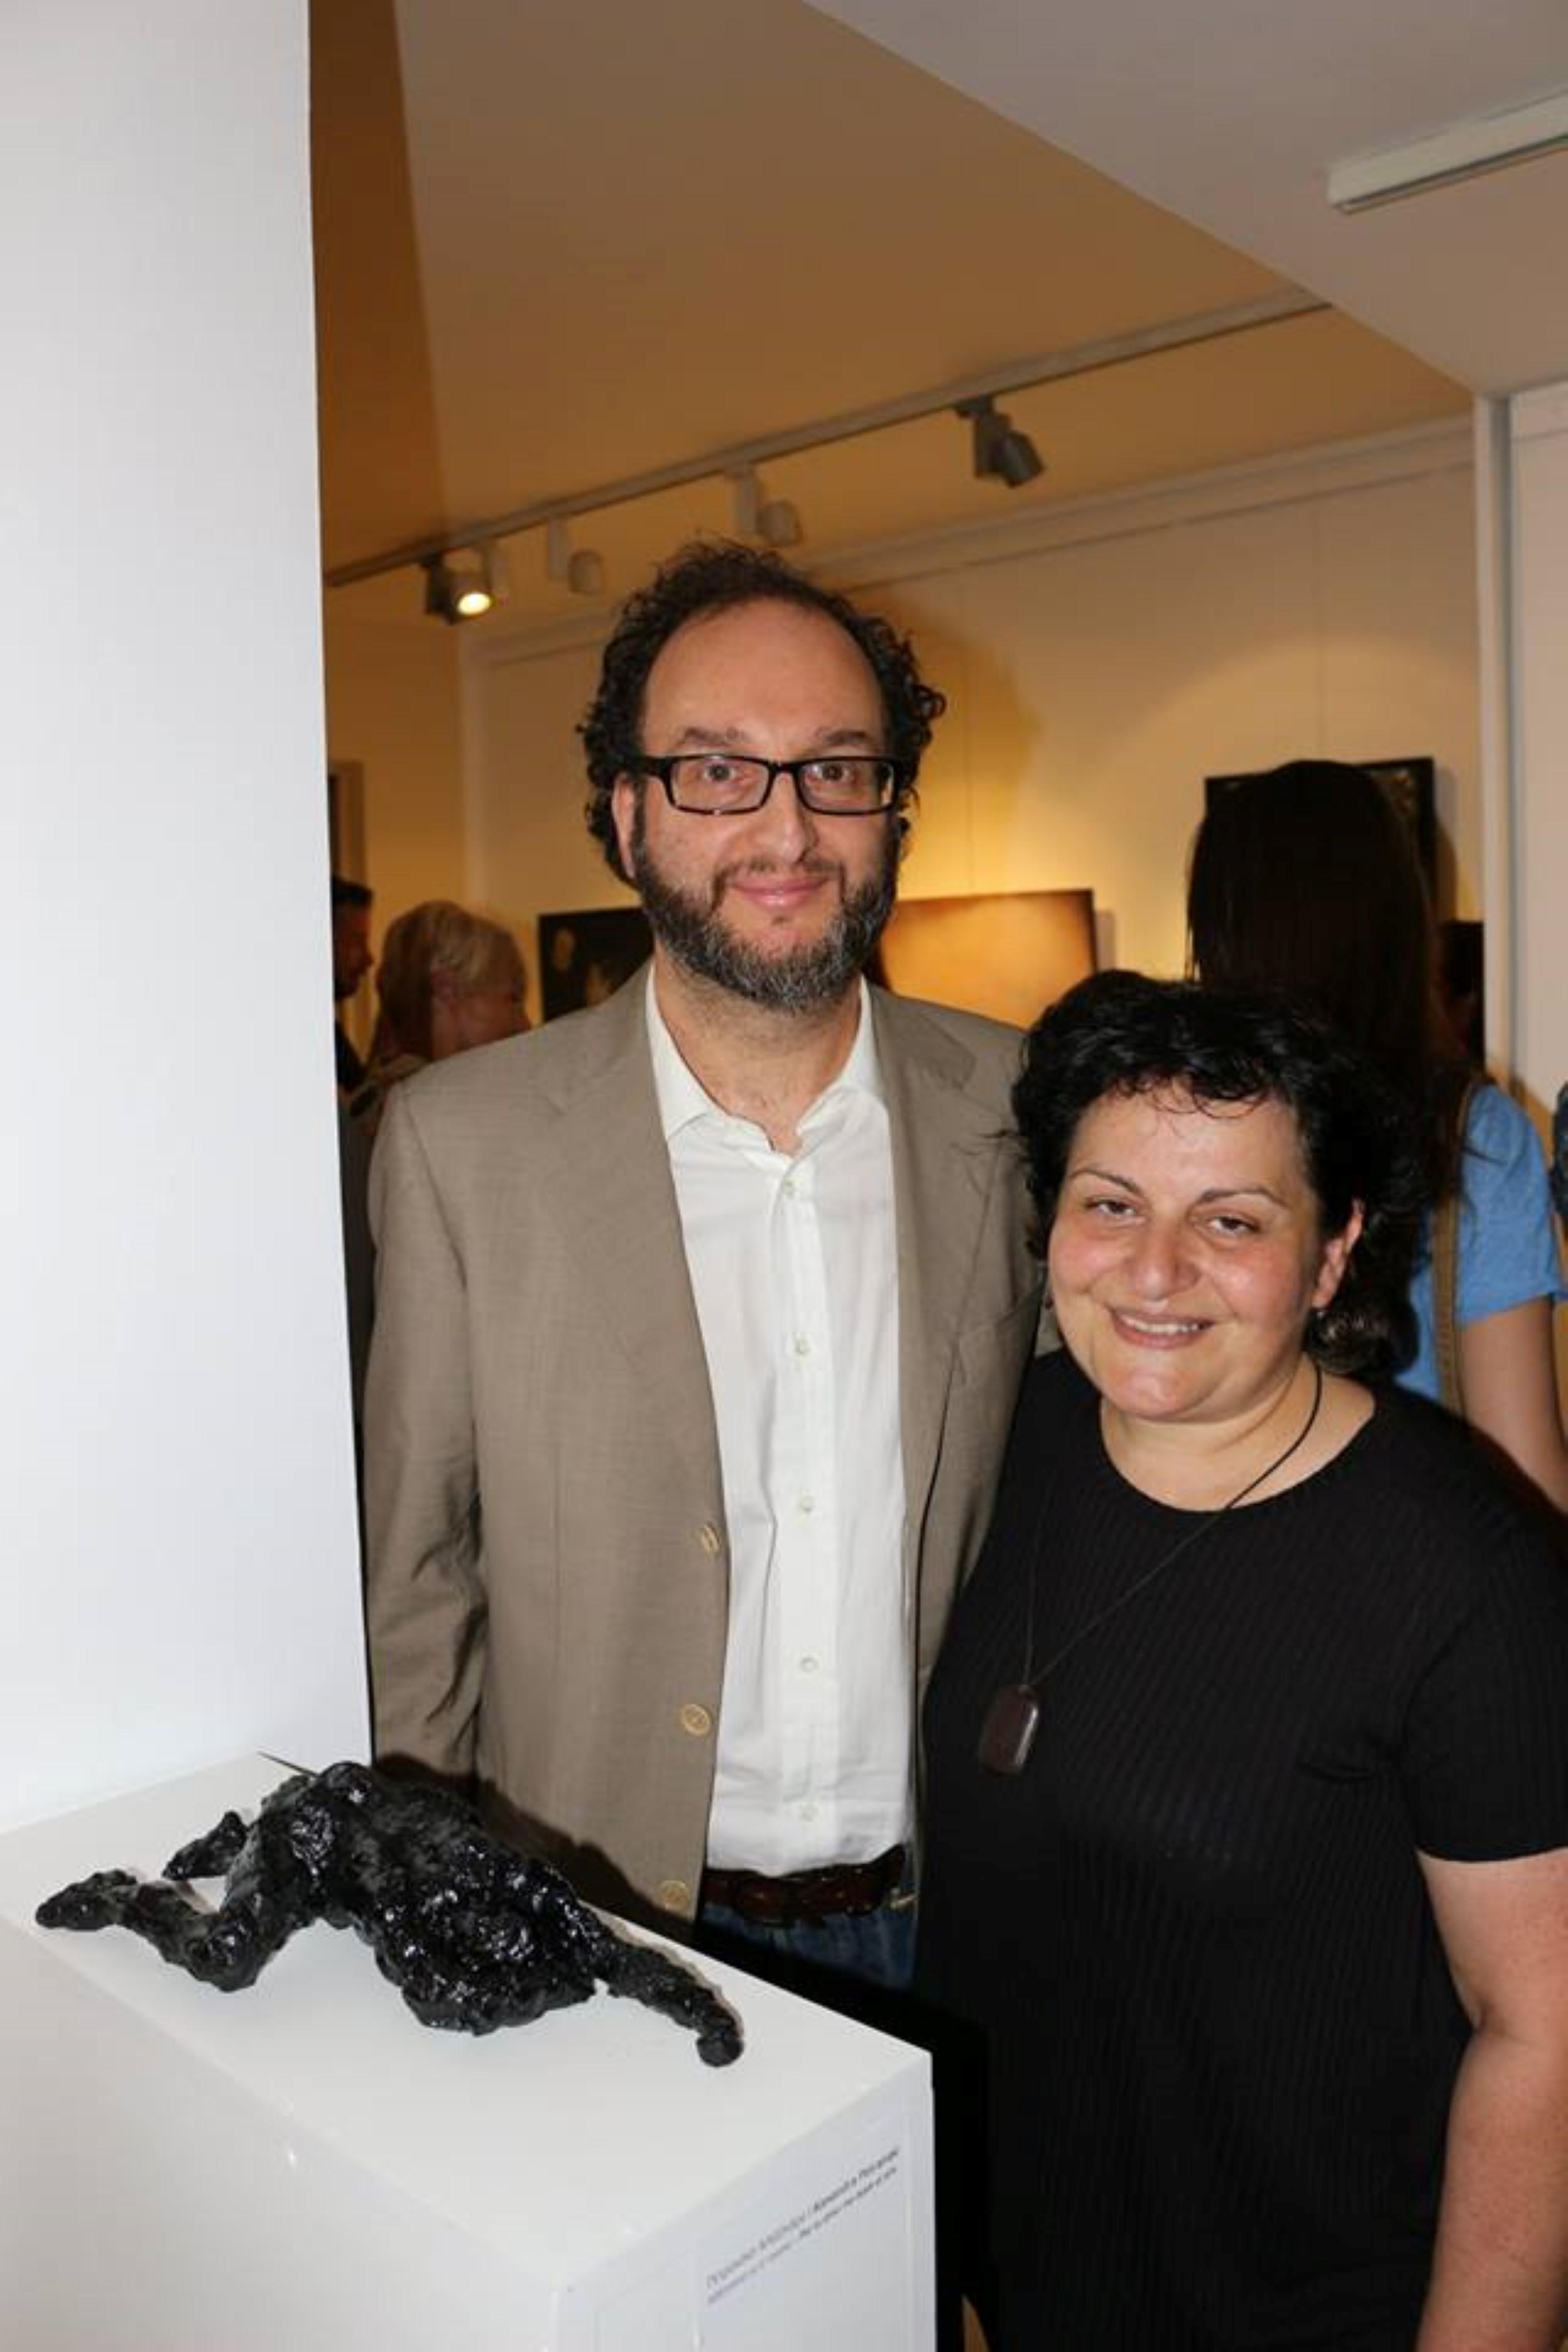 Ο δικηγόρος Δημήτρης Λουβρής με την εικαστικό Αλεξάνδρα Πετρανάκη μπροστά από το γλυπτό της.